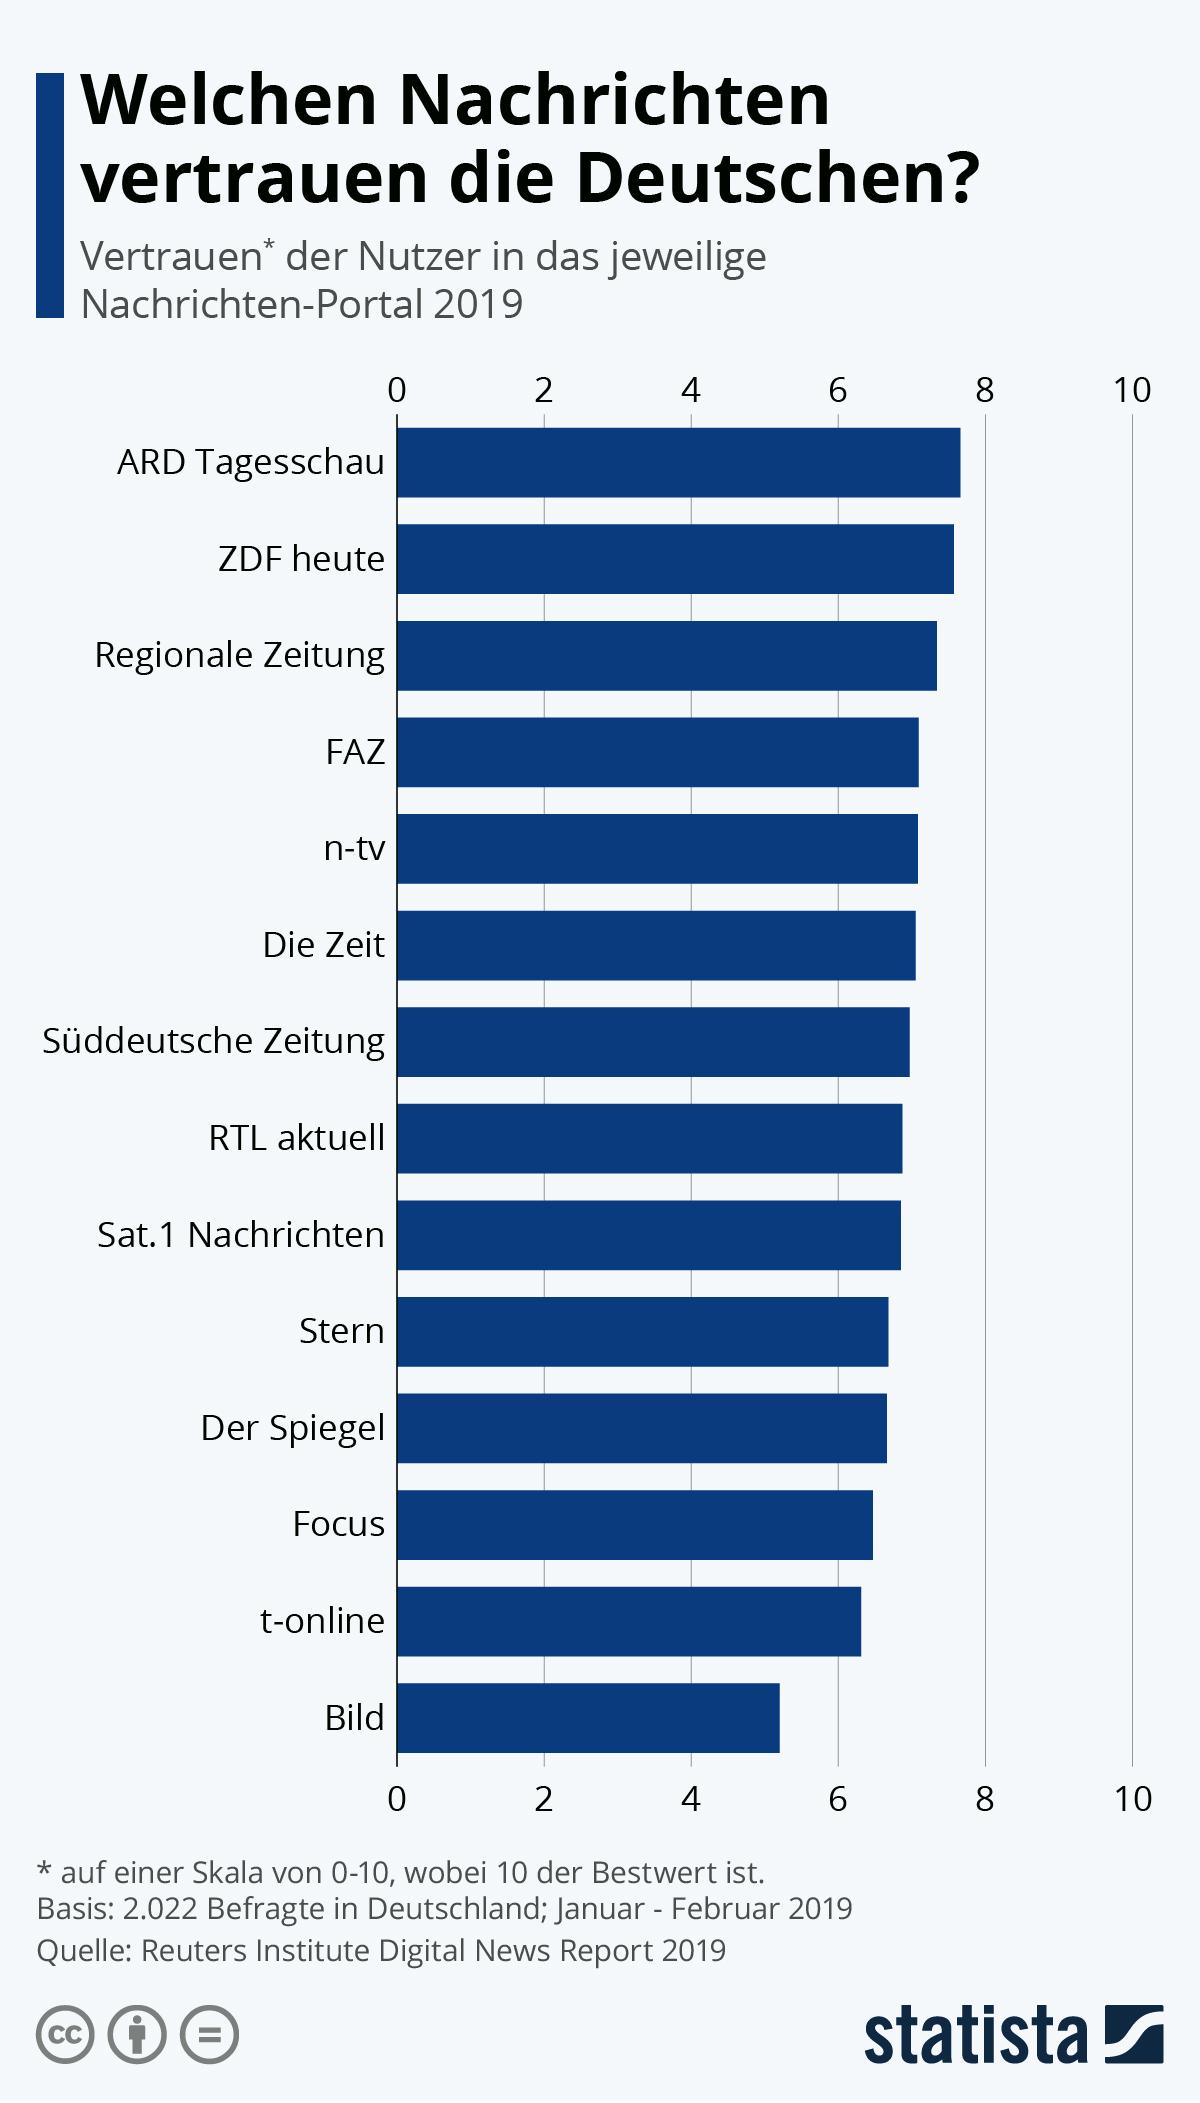 Infografik: Welchen Nachrichten vertrauen die Deutschen? | Statista